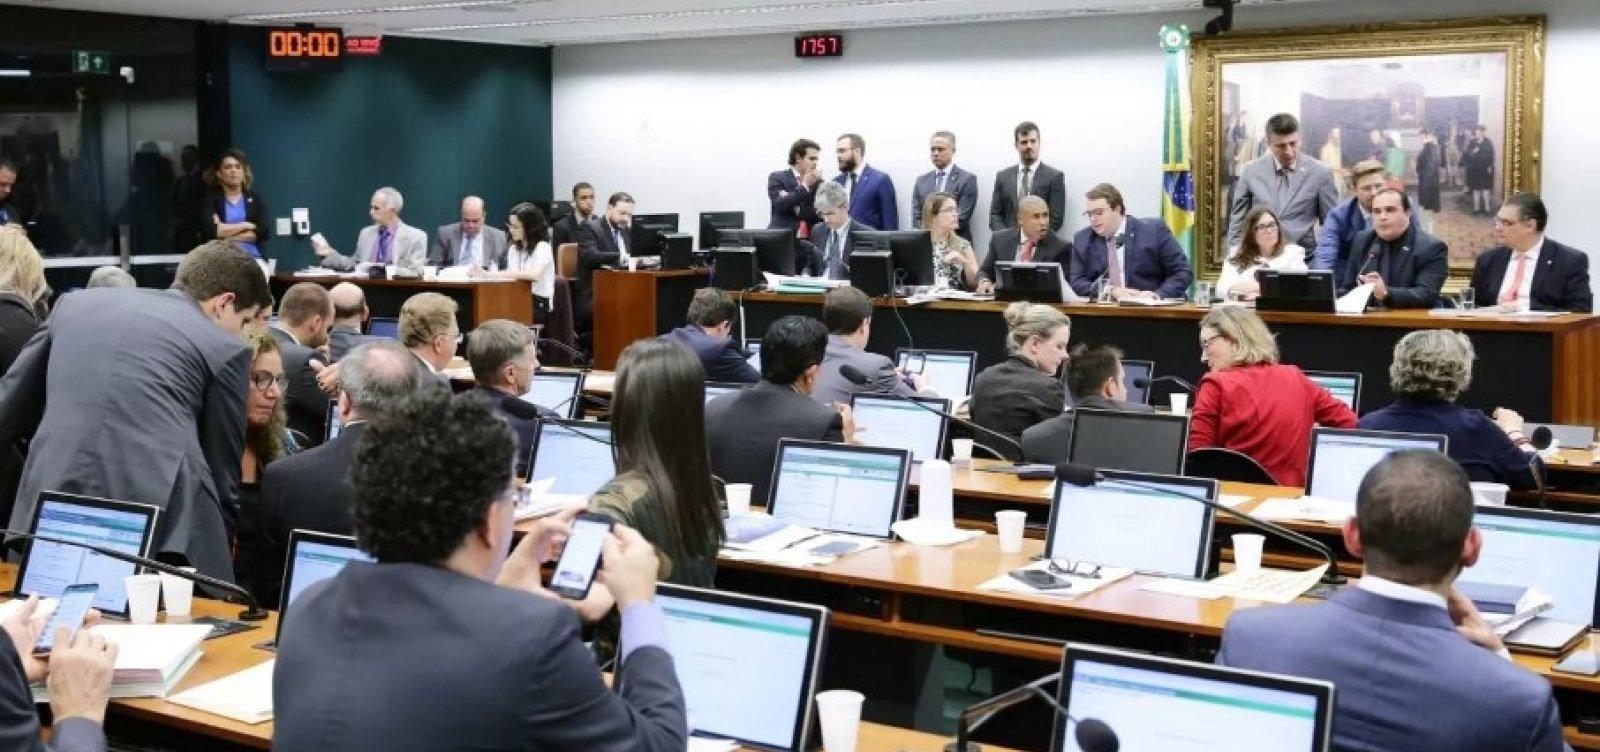 [CCJ da Câmara dá aval à reforma da Previdência após quase 9h de sessão]